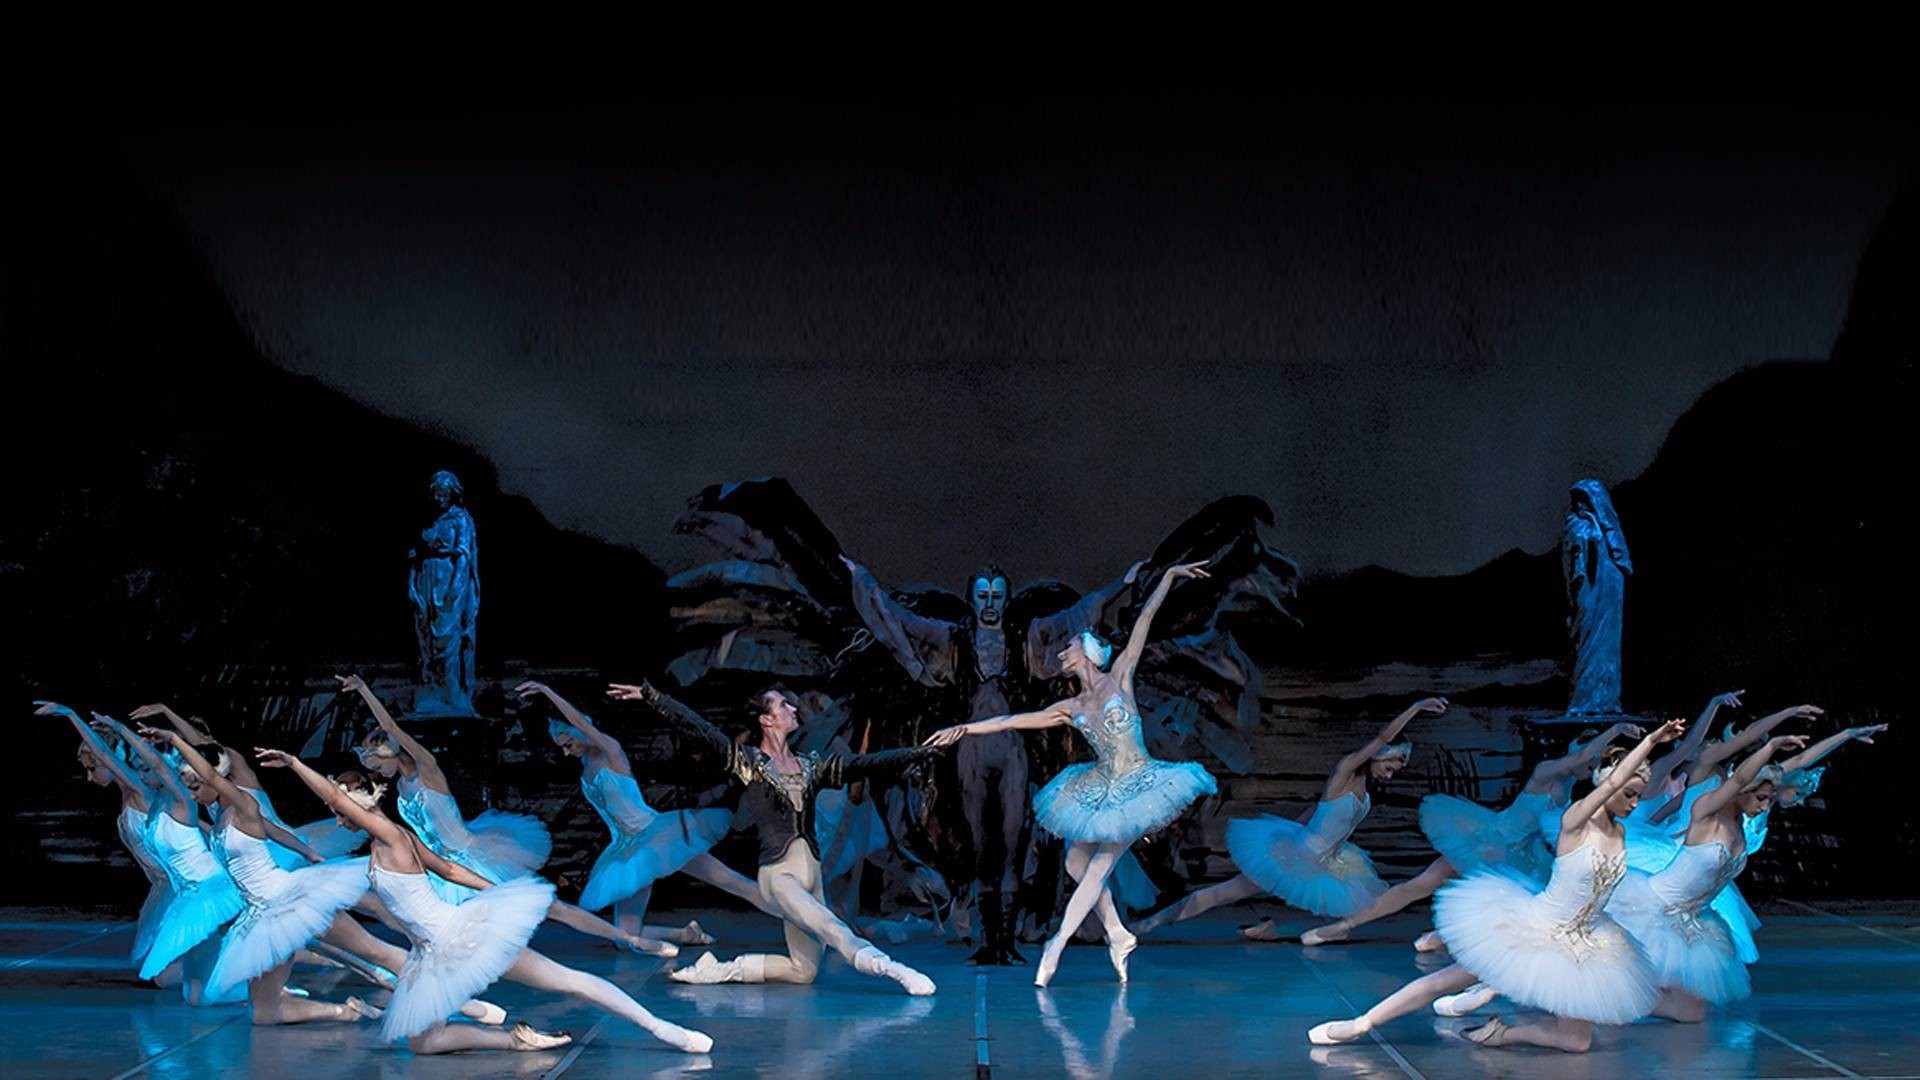 Лебединое озеро. Государственный академический театр Классического балета Н. Касаткиной и В. Василева